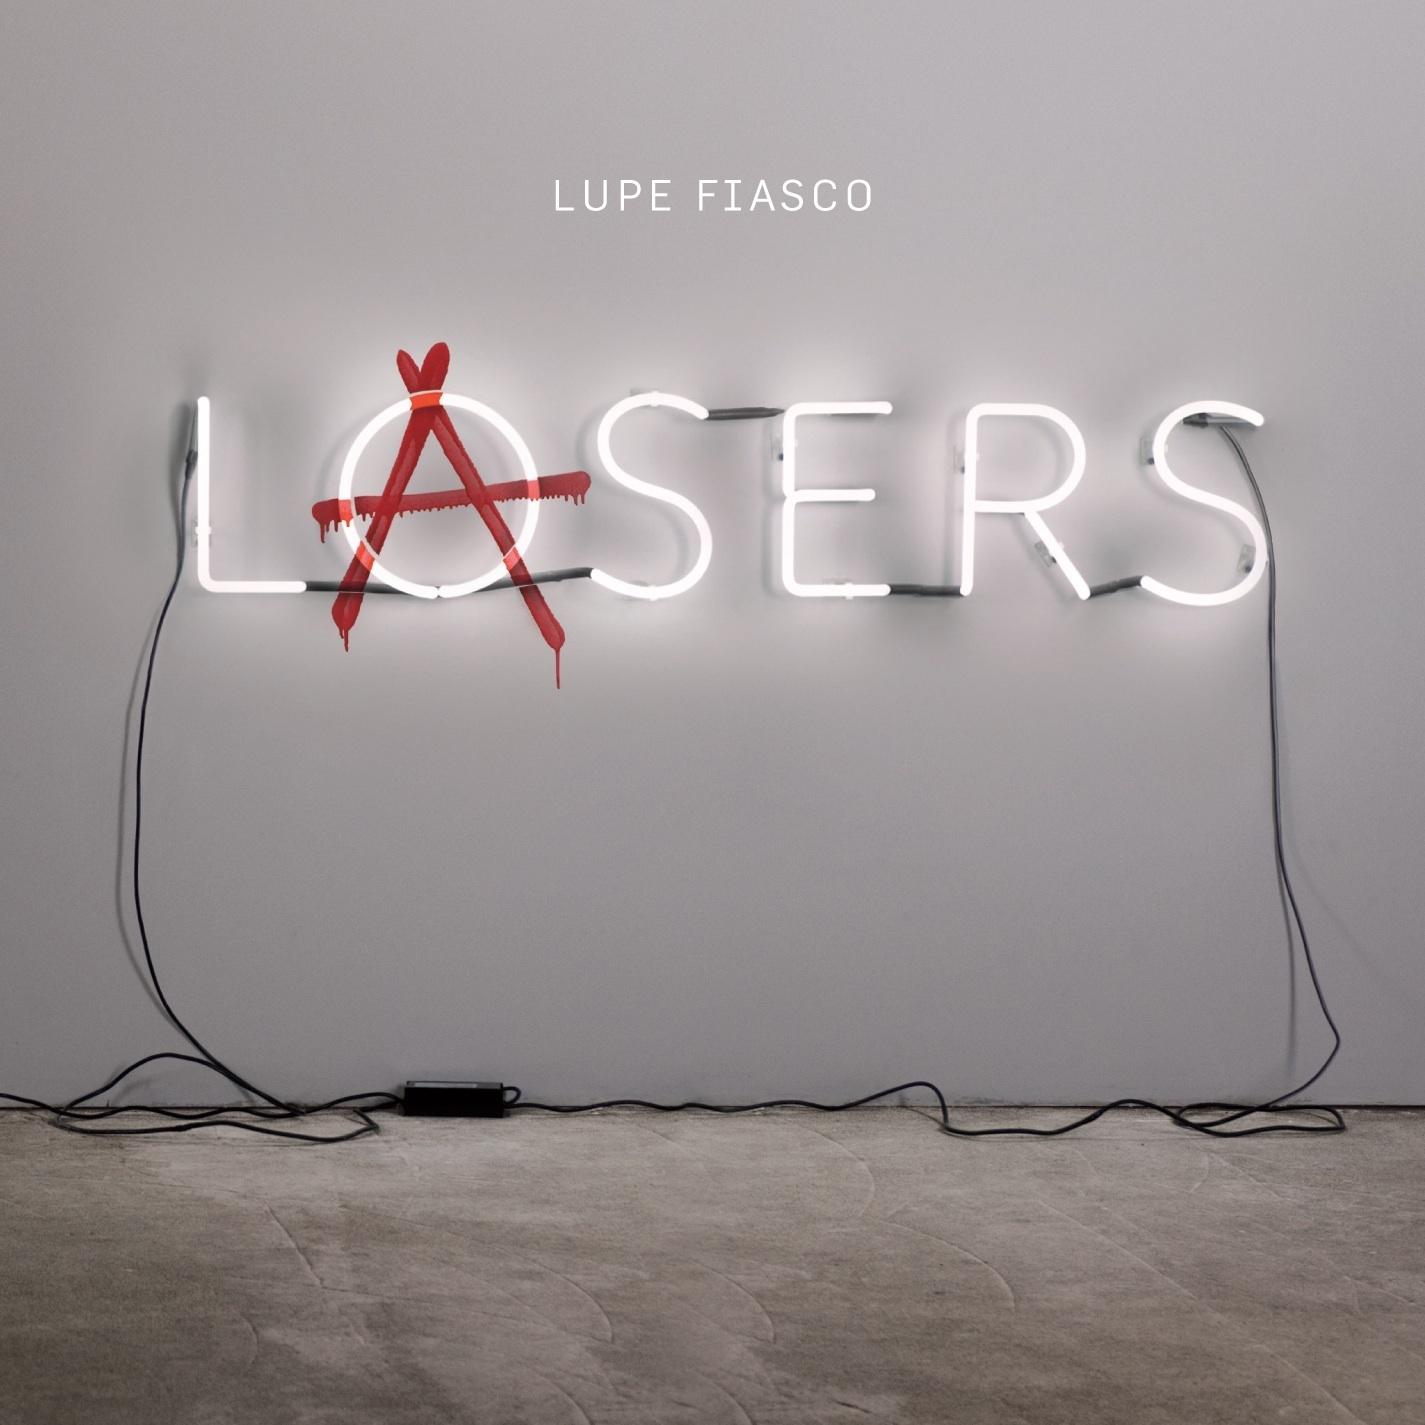 http://1.bp.blogspot.com/-99N1PVmdS_c/UDwkoXsTmnI/AAAAAAAACk4/6xff3W26scg/s1600/Lupe+Fiasco+-+Lasers.jpg